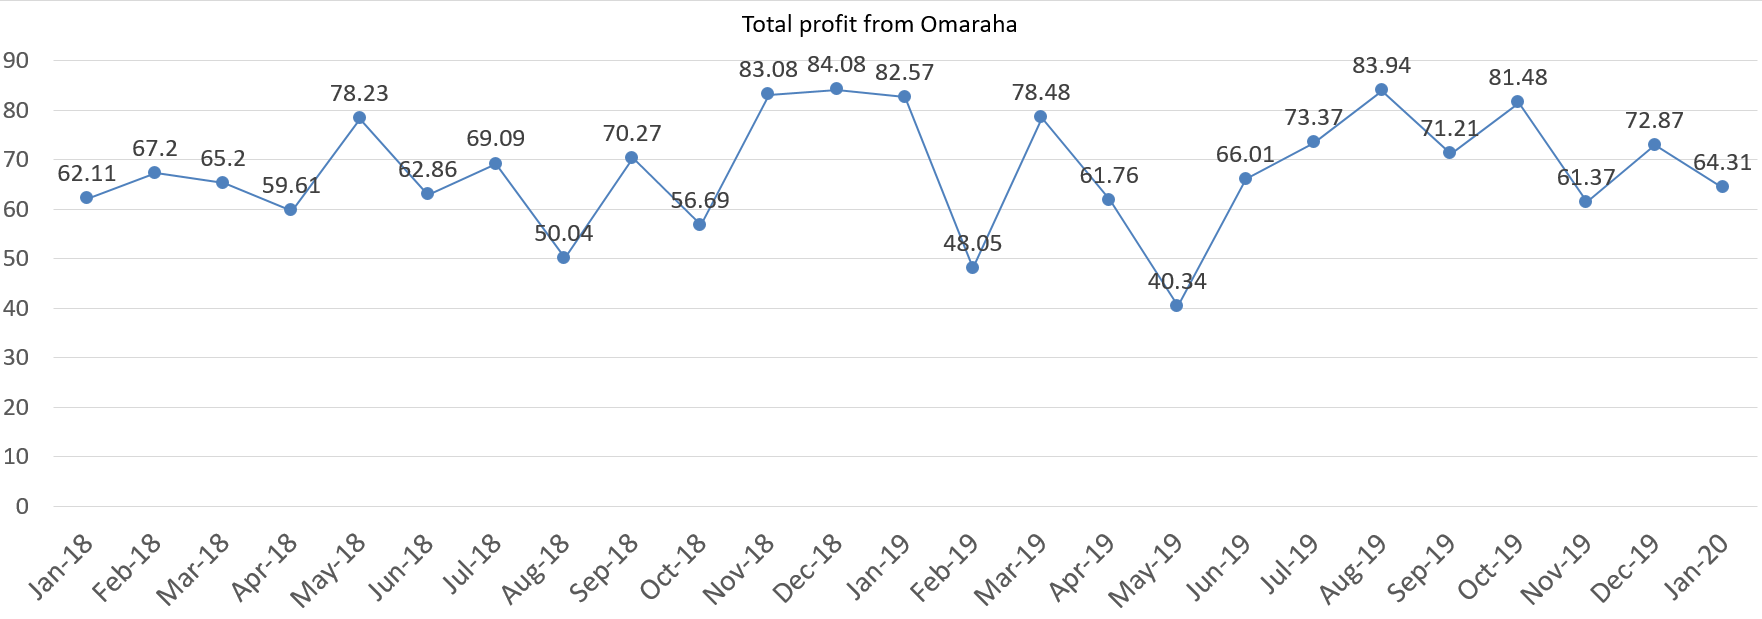 Total profit from Omaraha, january 2020